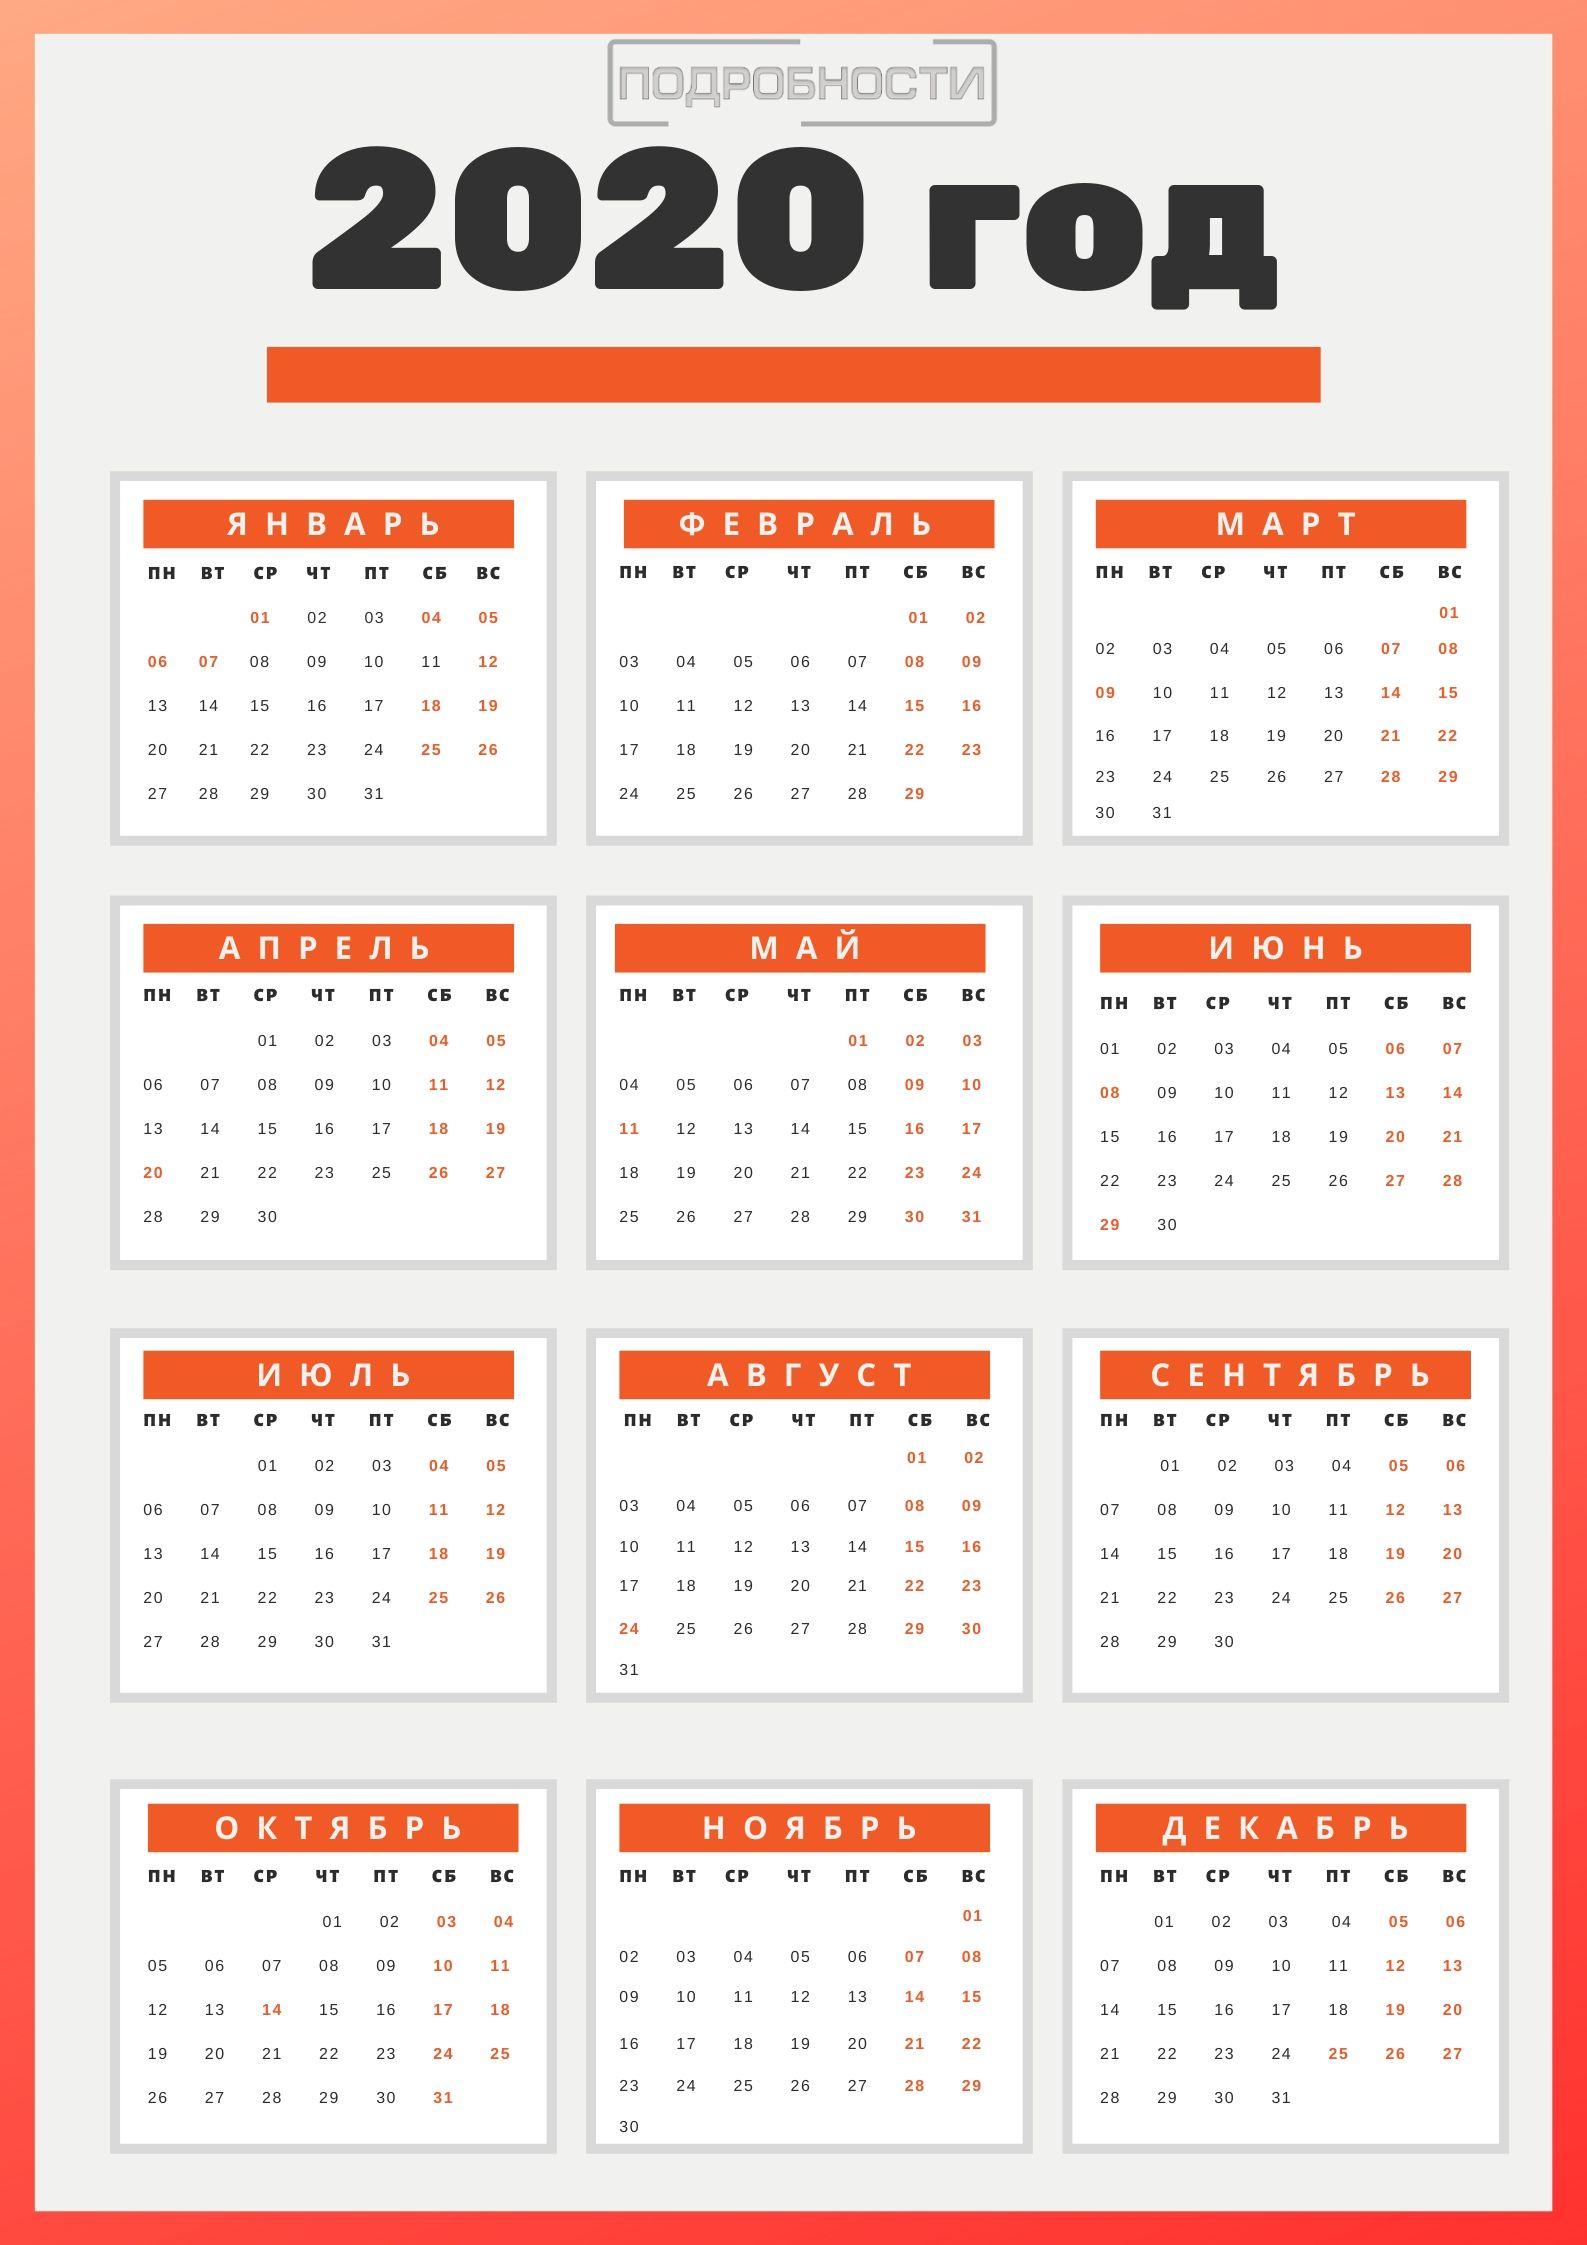 Выходные Дни 2020: Календарь Праздников (Инфографика inside Kuda Calendar 2020